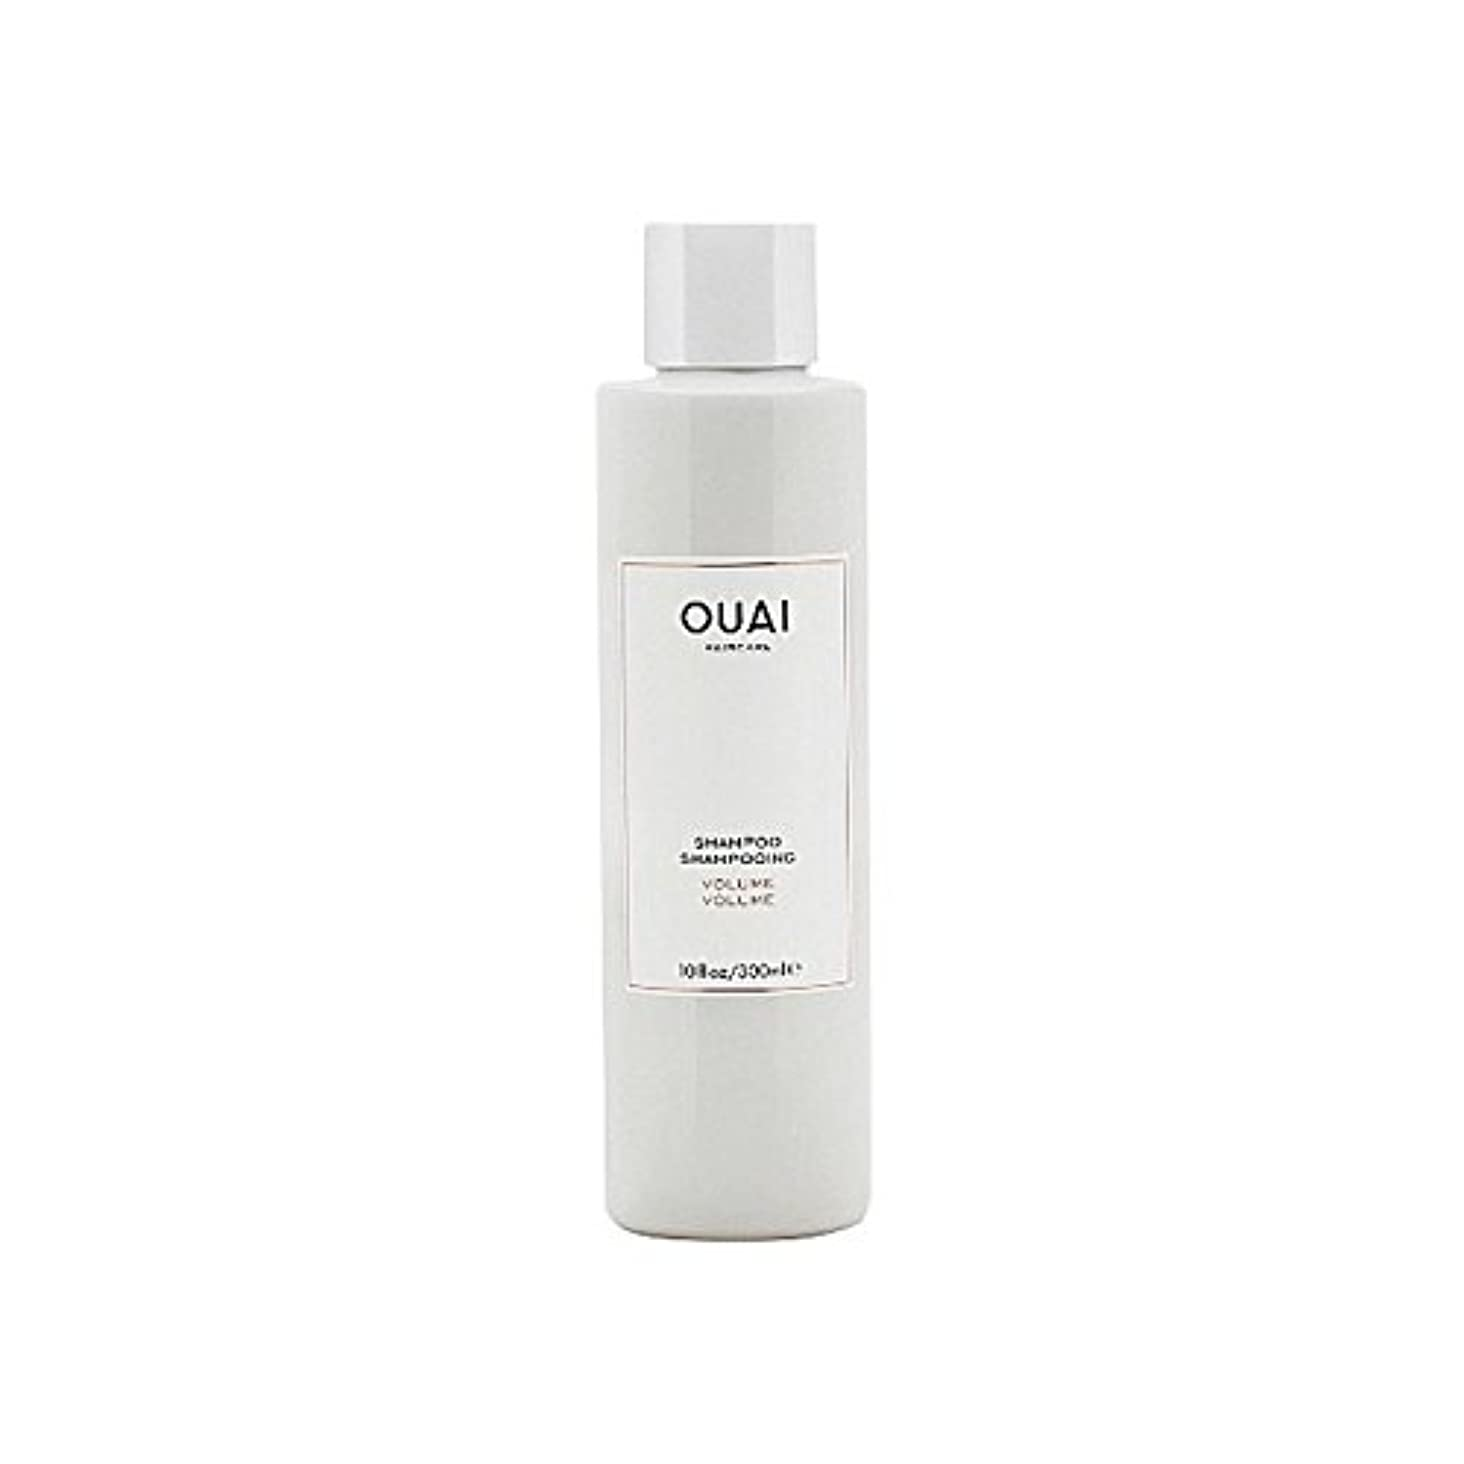 雑草去る繊細Ouai Volume Shampoo 300ml (Pack of 6) - ボリュームシャンプー300ミリリットル x6 [並行輸入品]